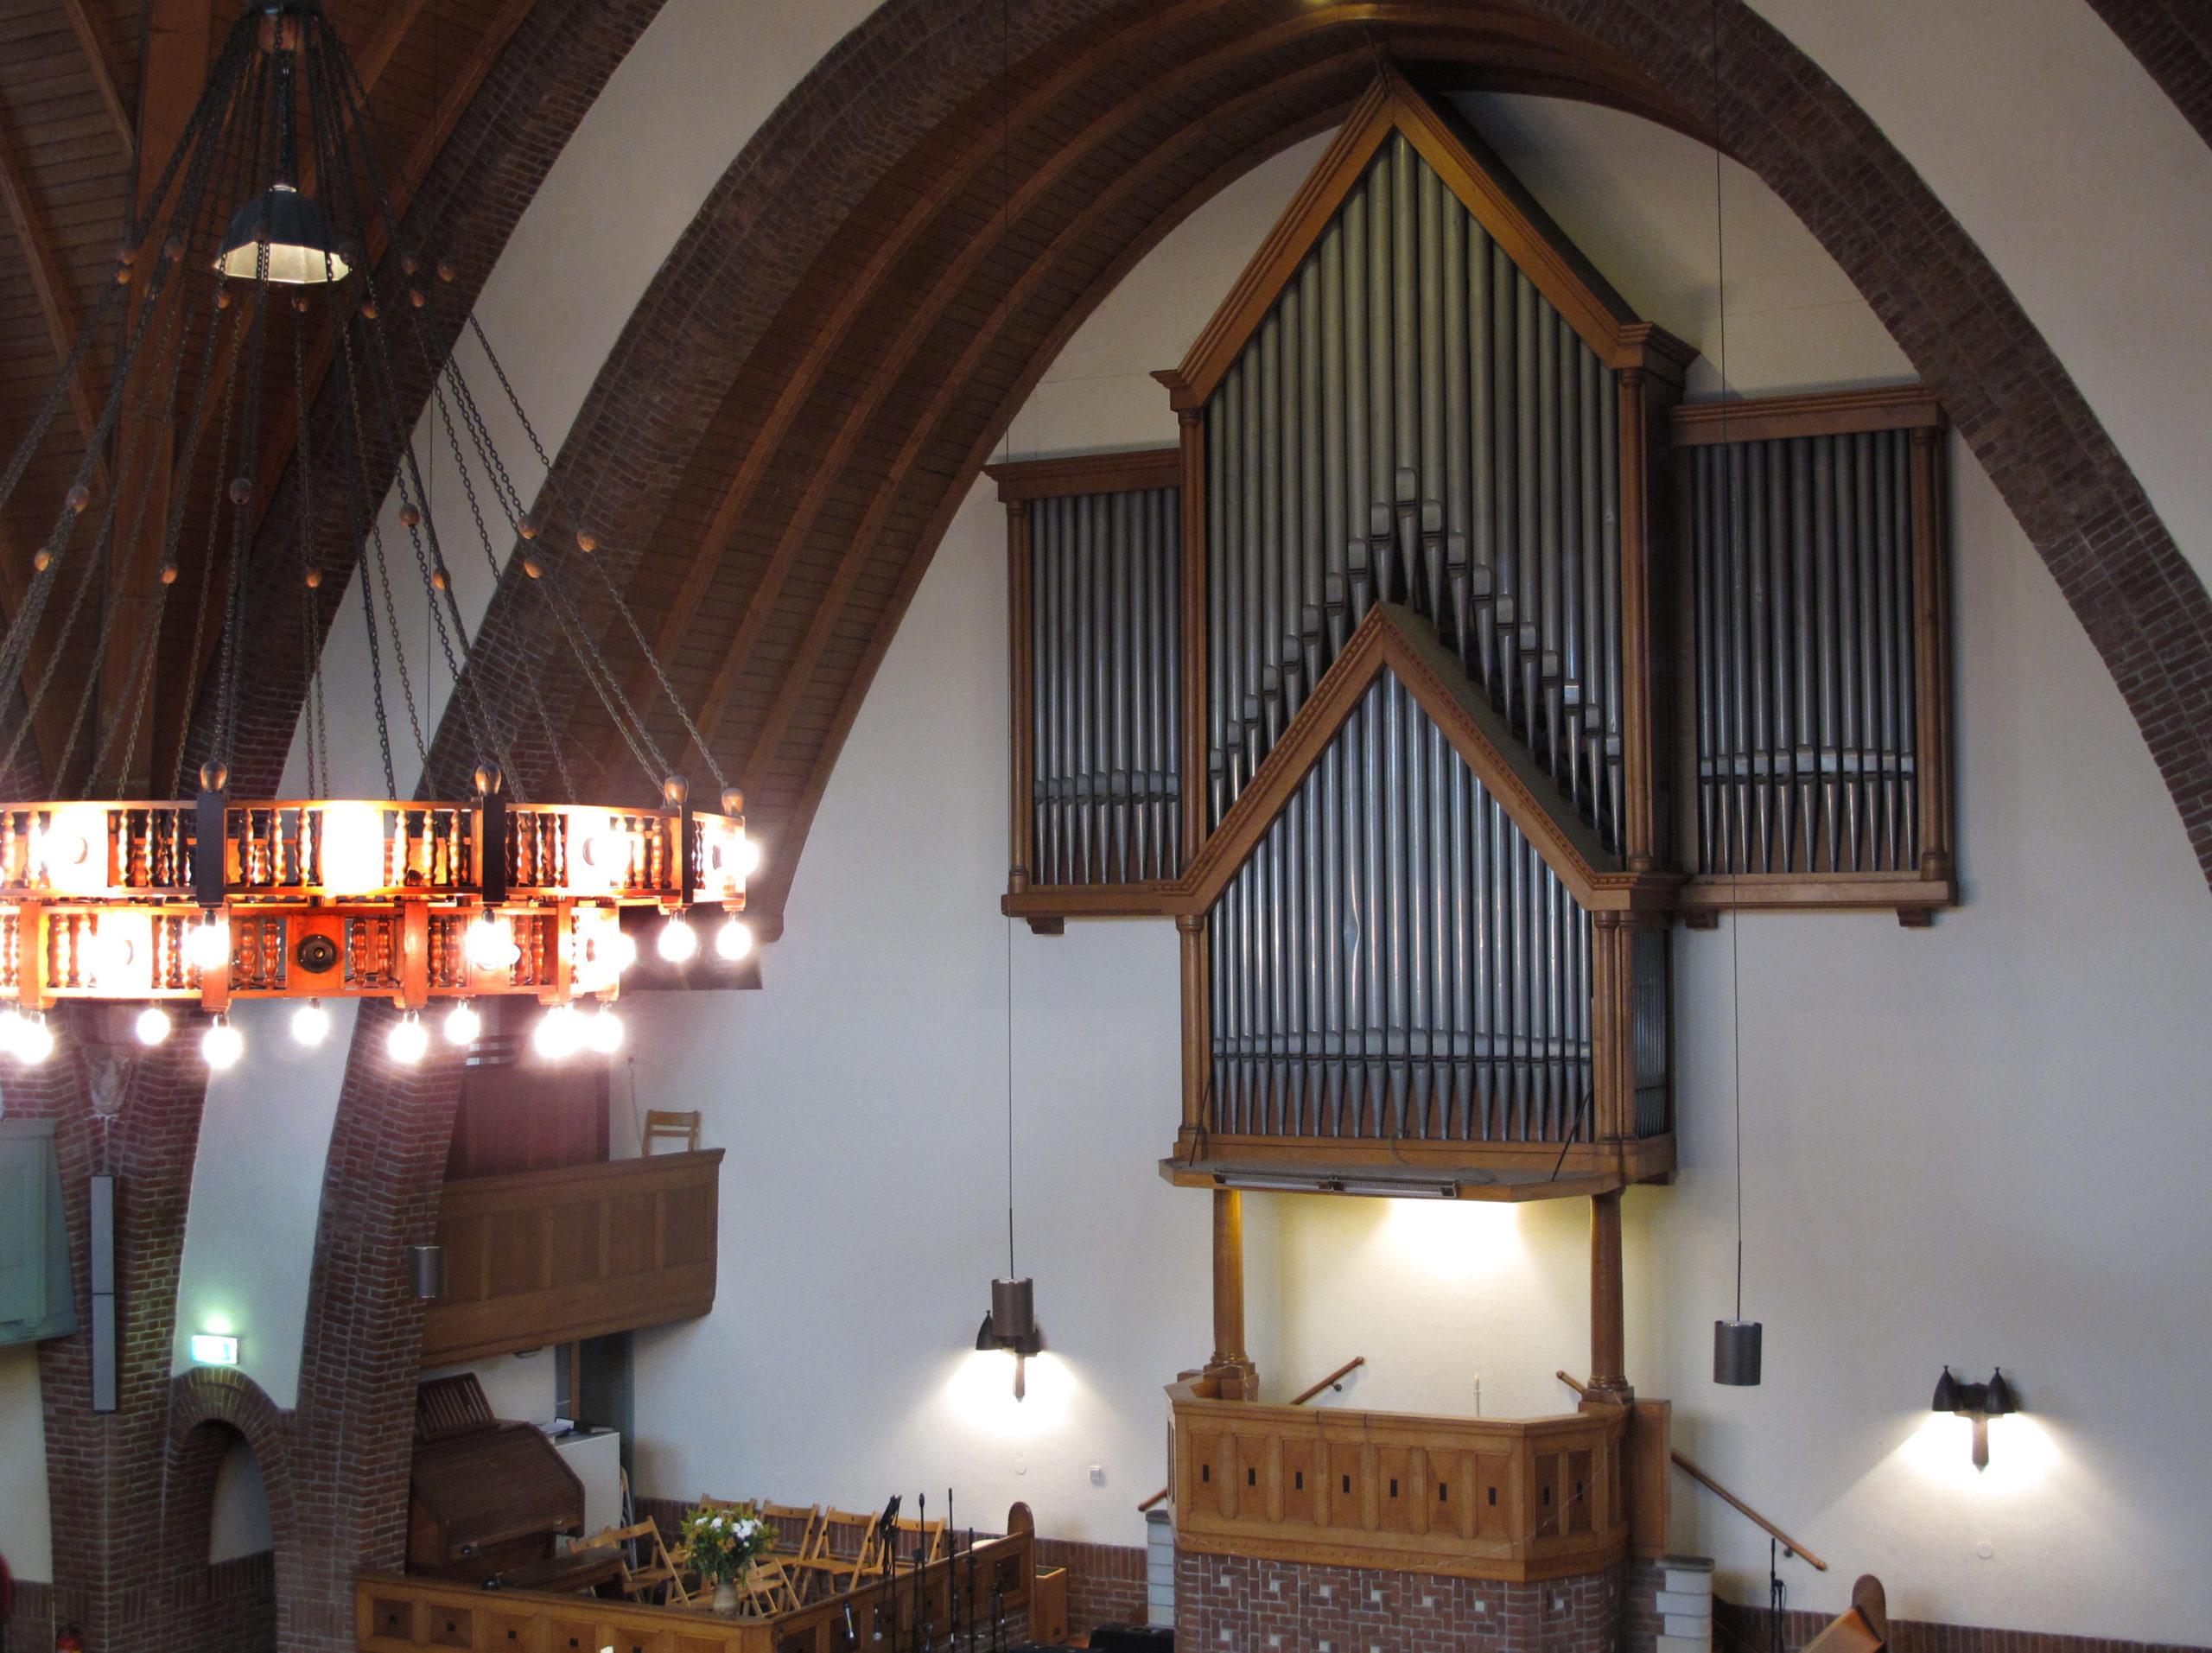 Hervatting kerkdiensten op 5 juli